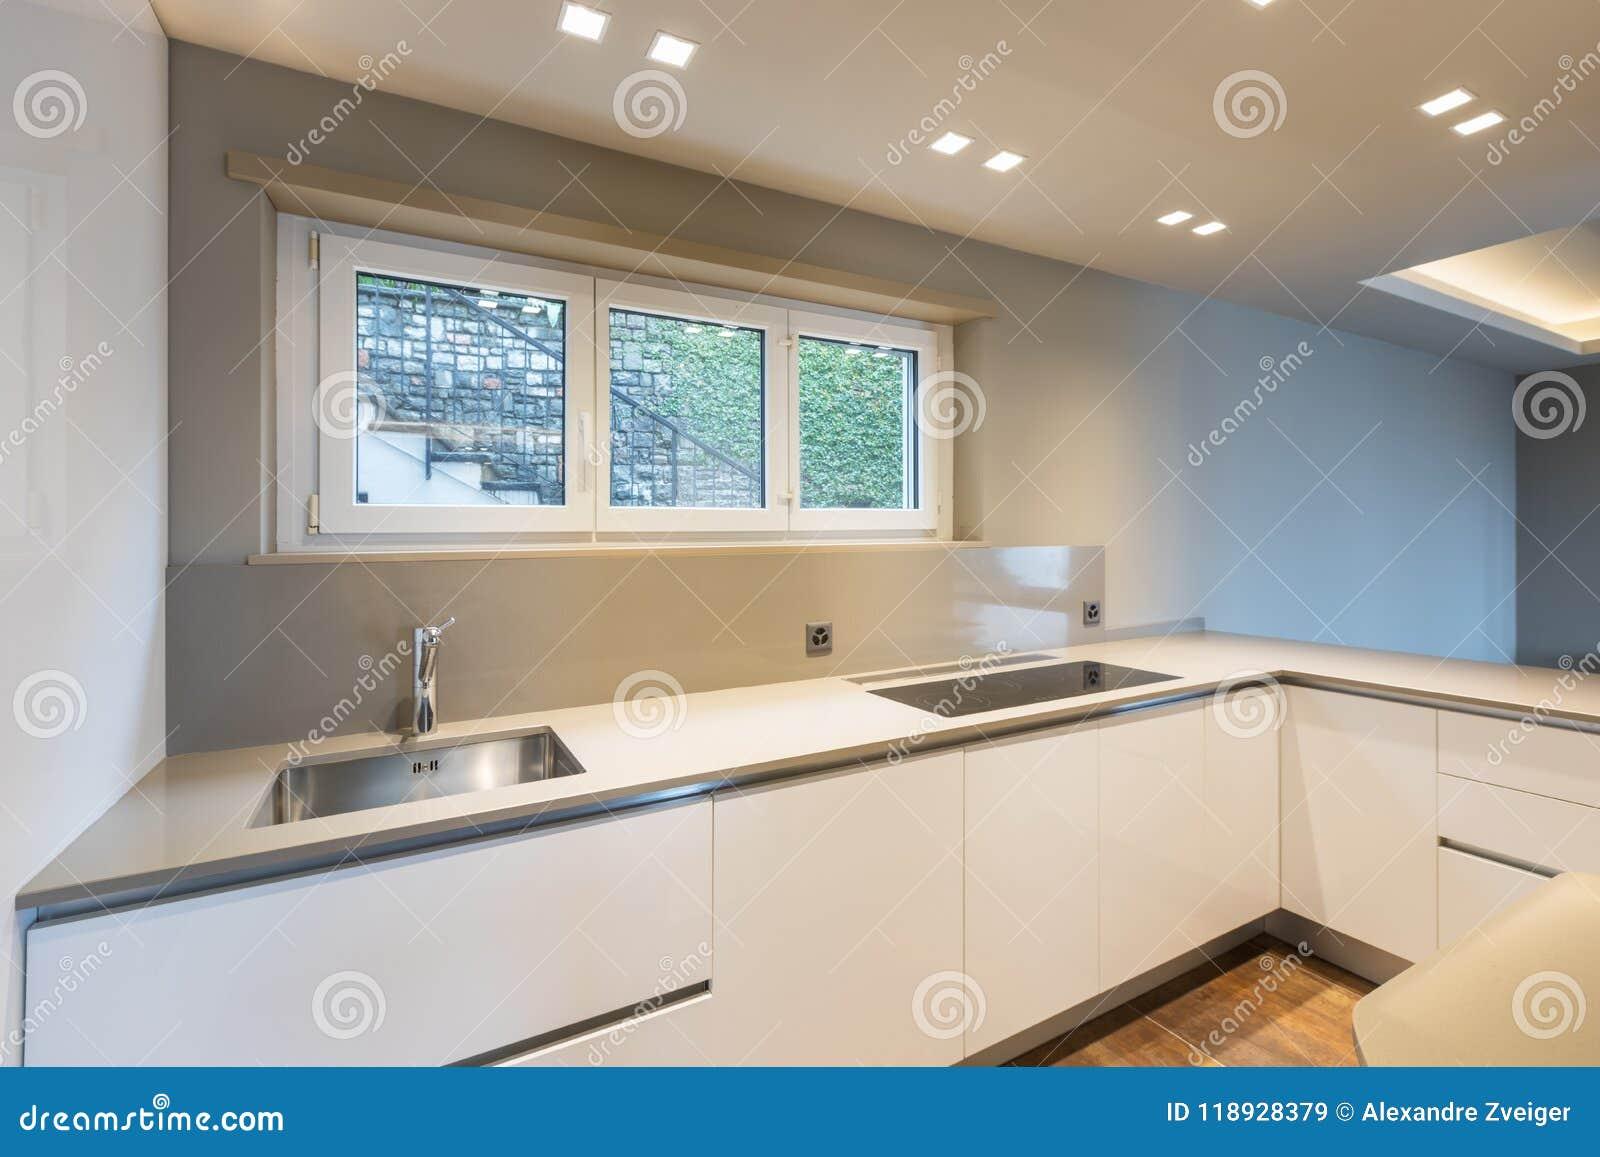 Cucina con mobilia bianca moderna e l ultimo applia della generazione